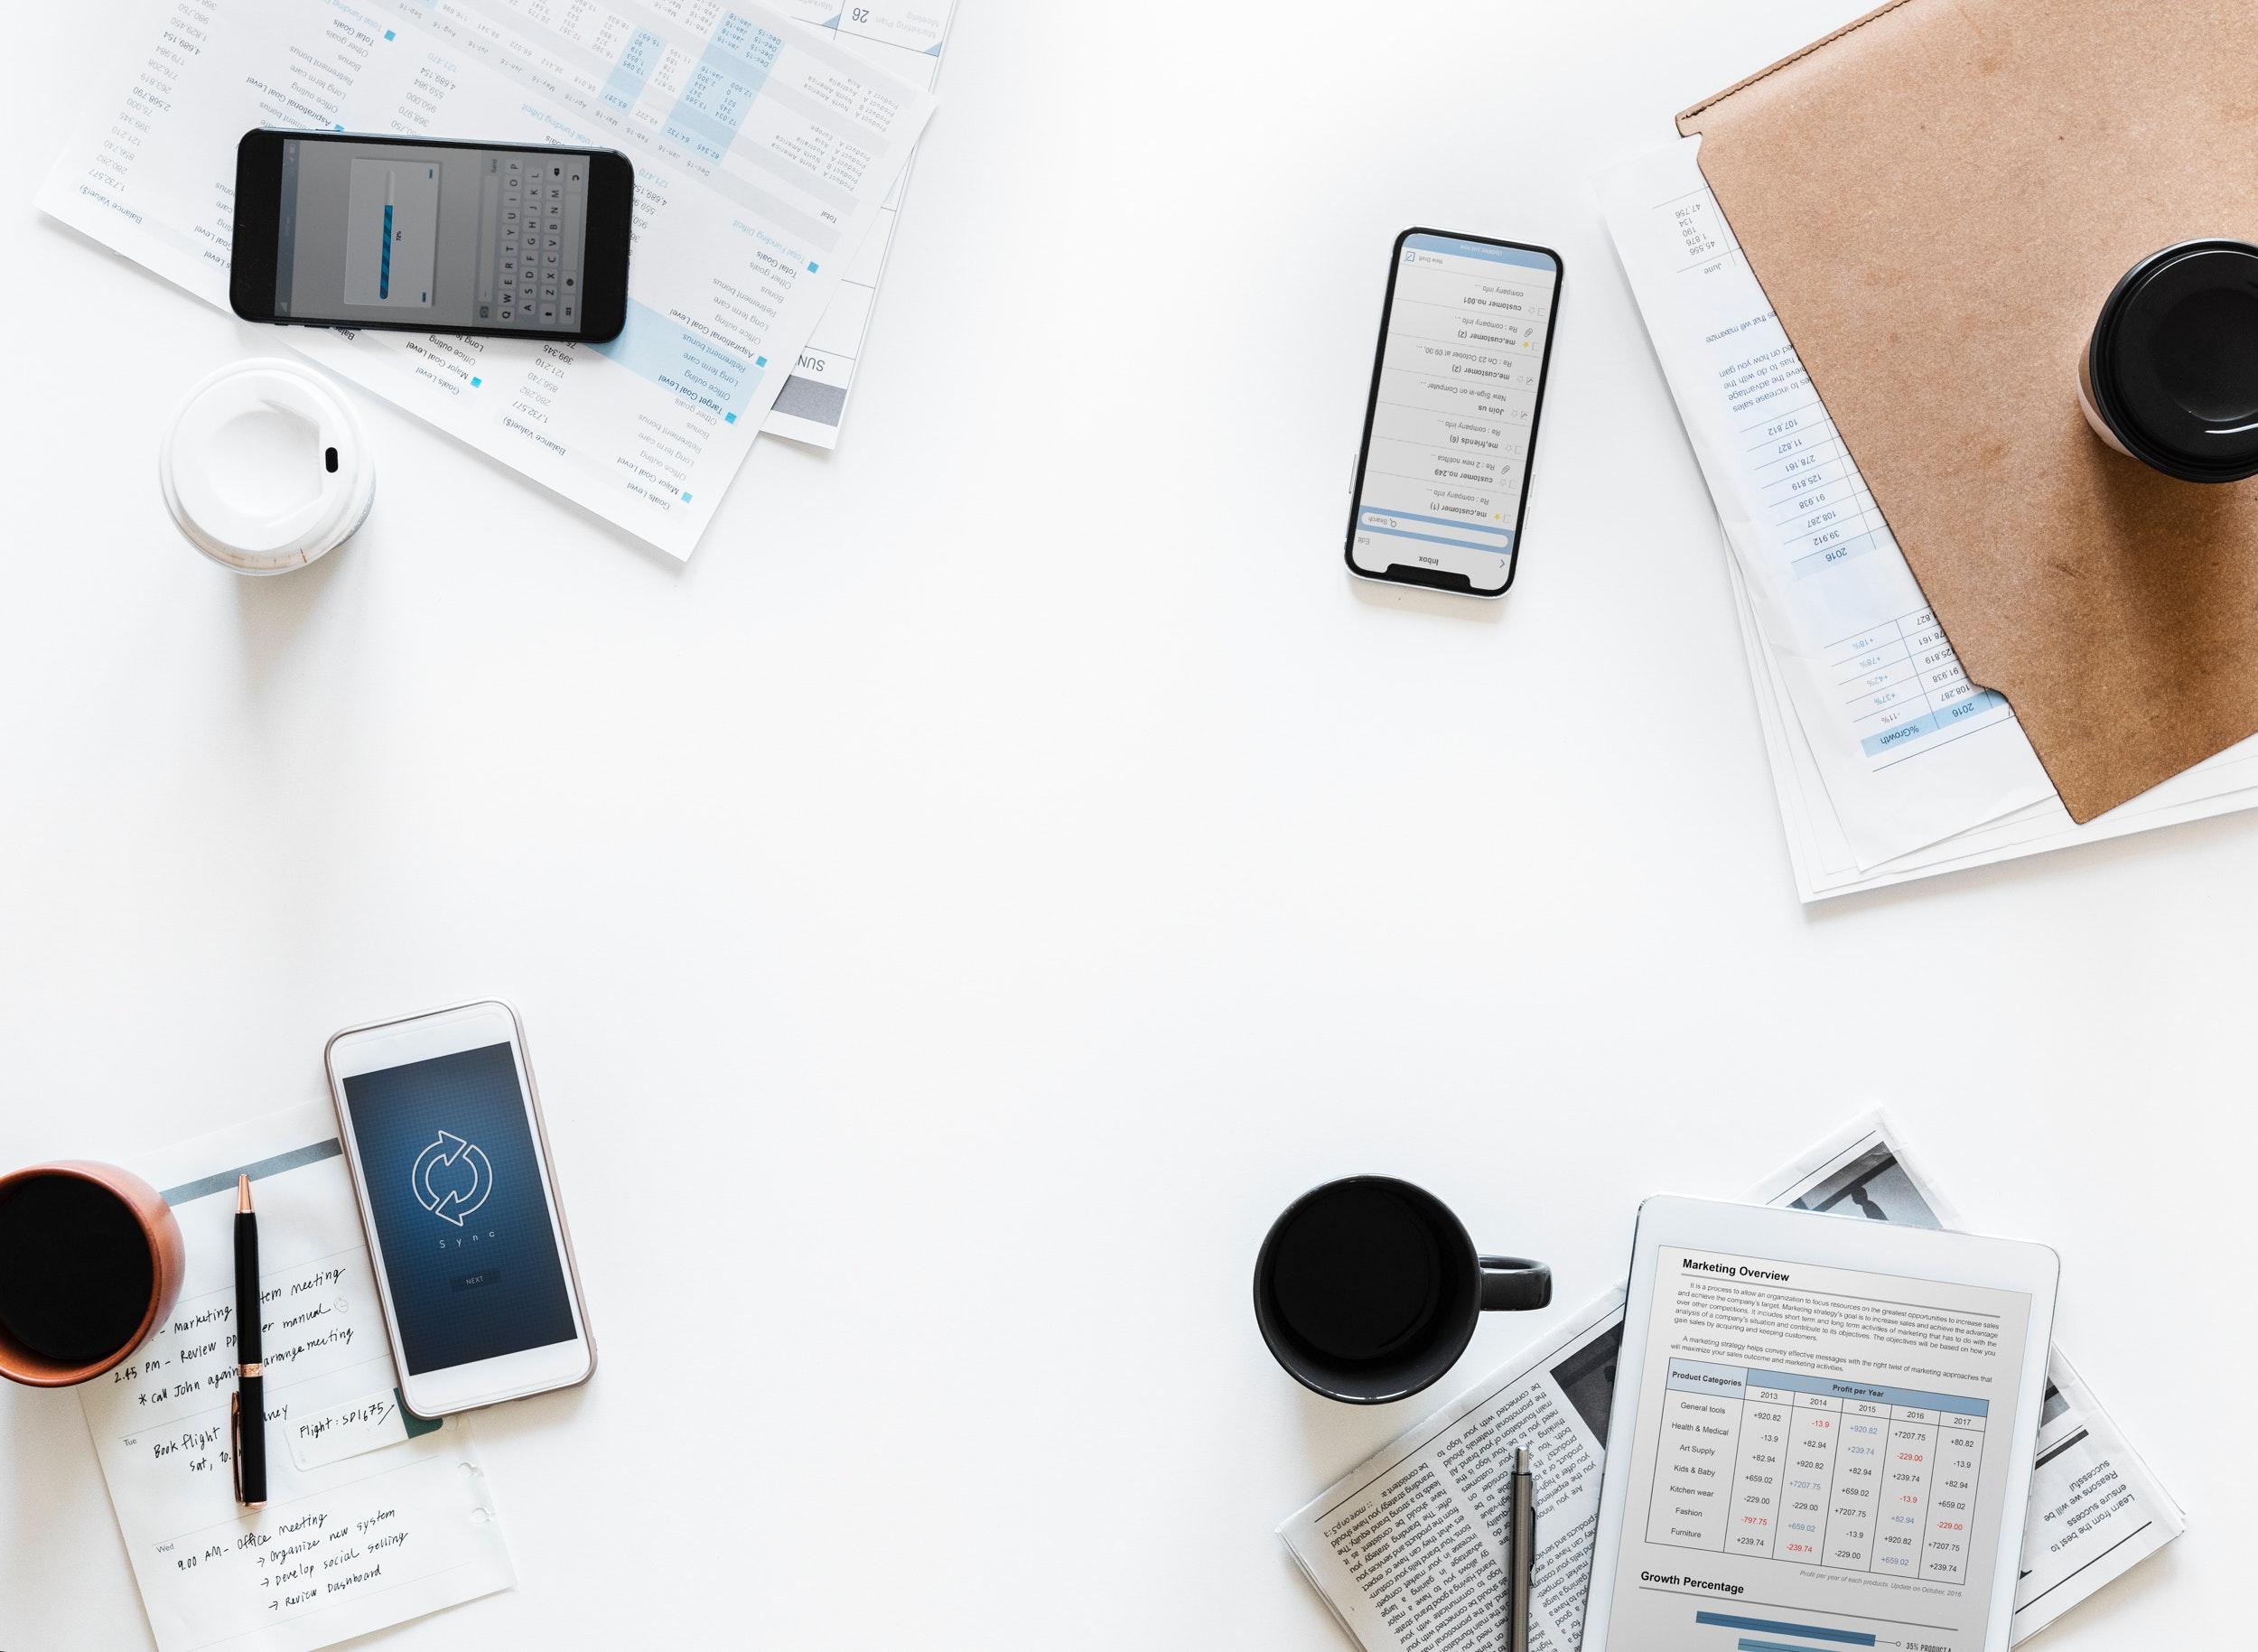 Smartphones im Meeting